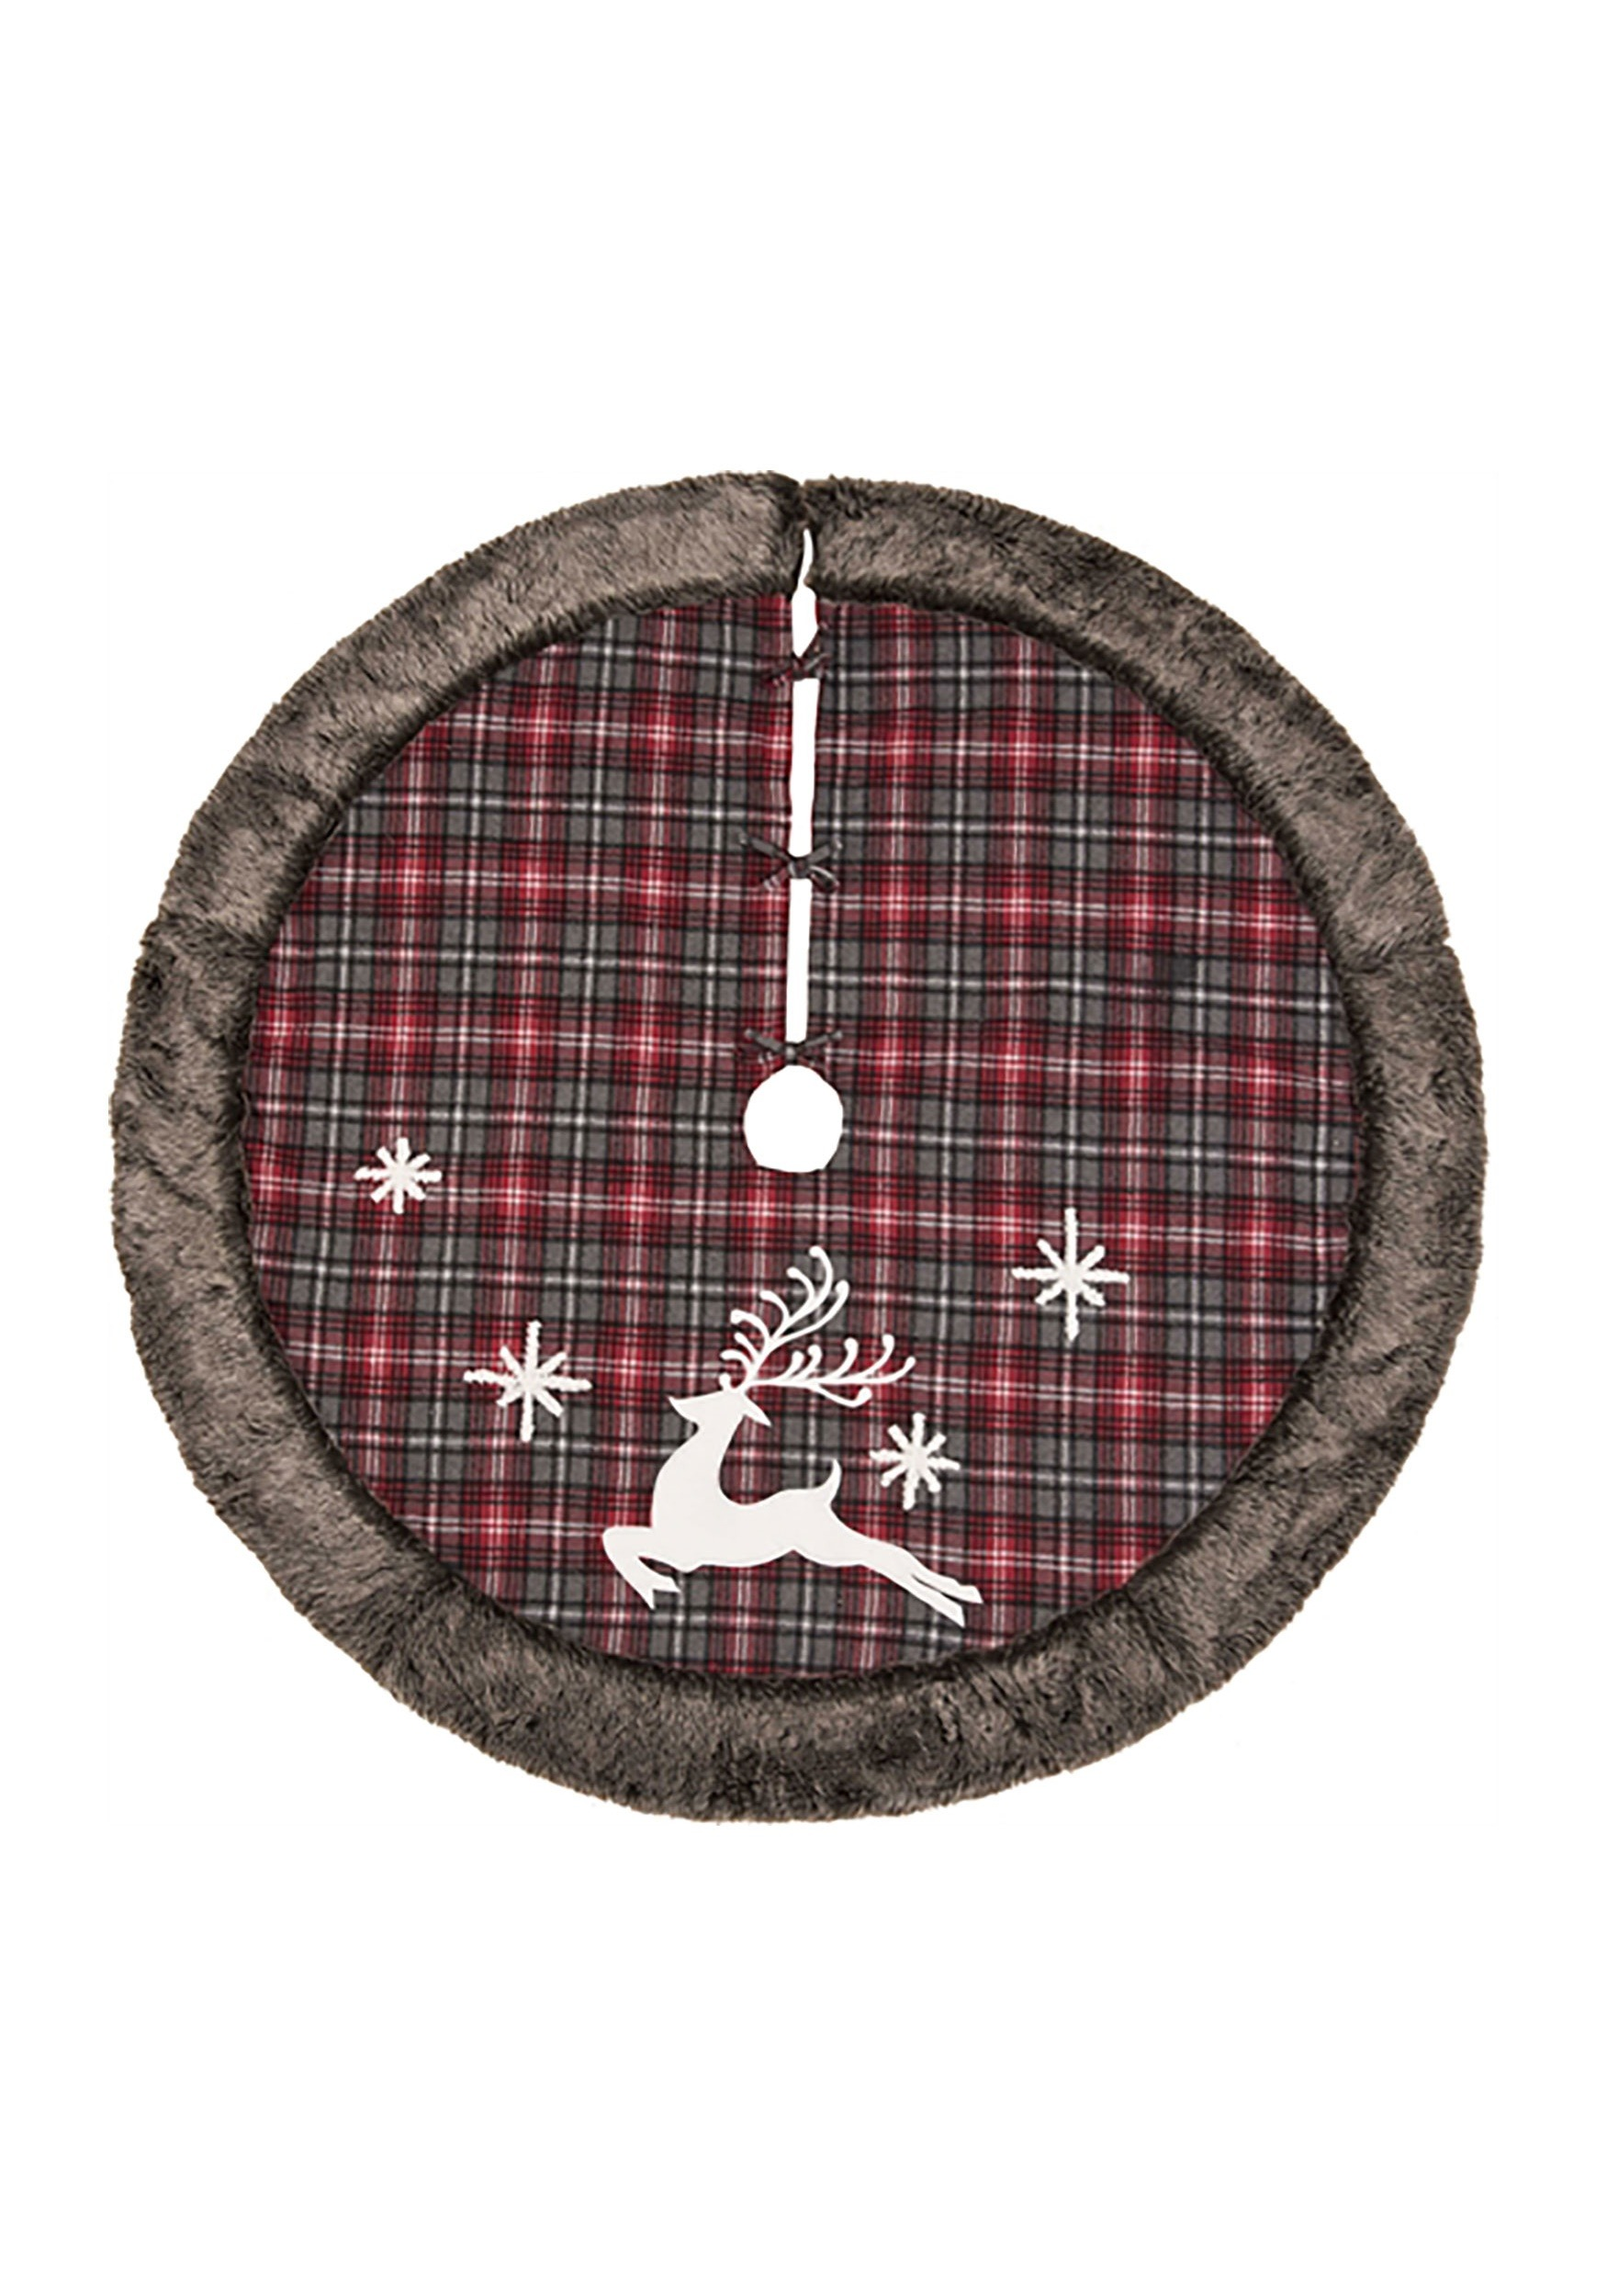 Rustic Fabric Reindeer Tree Skirt